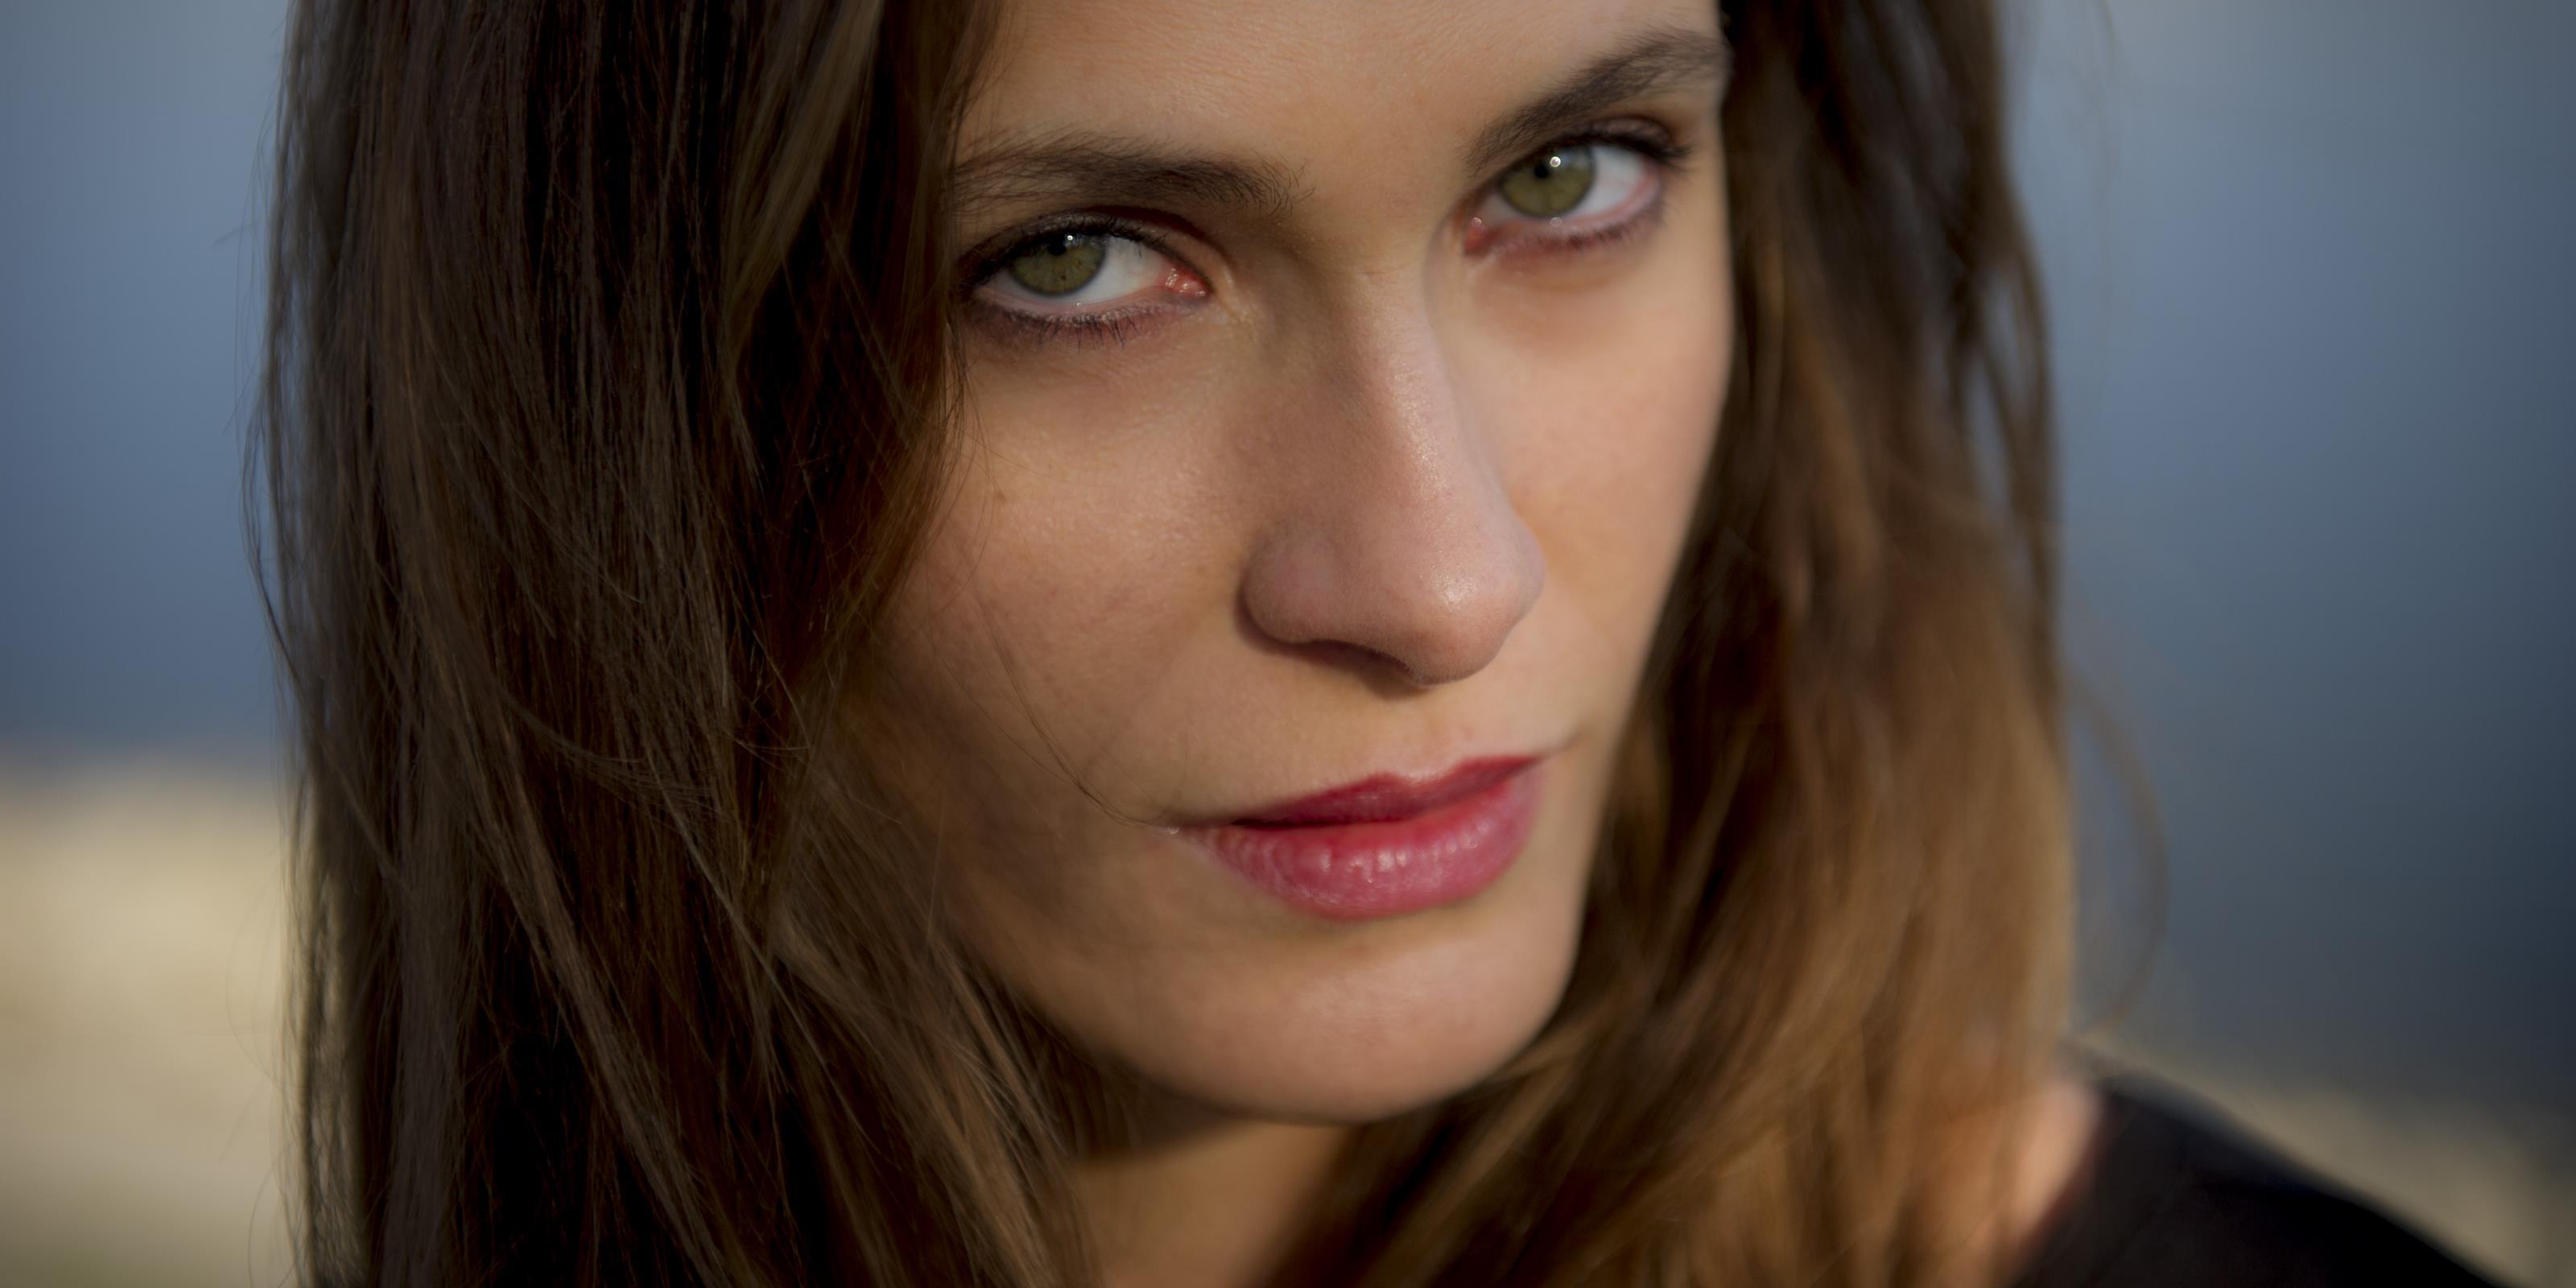 images Caroline Francischini BRA